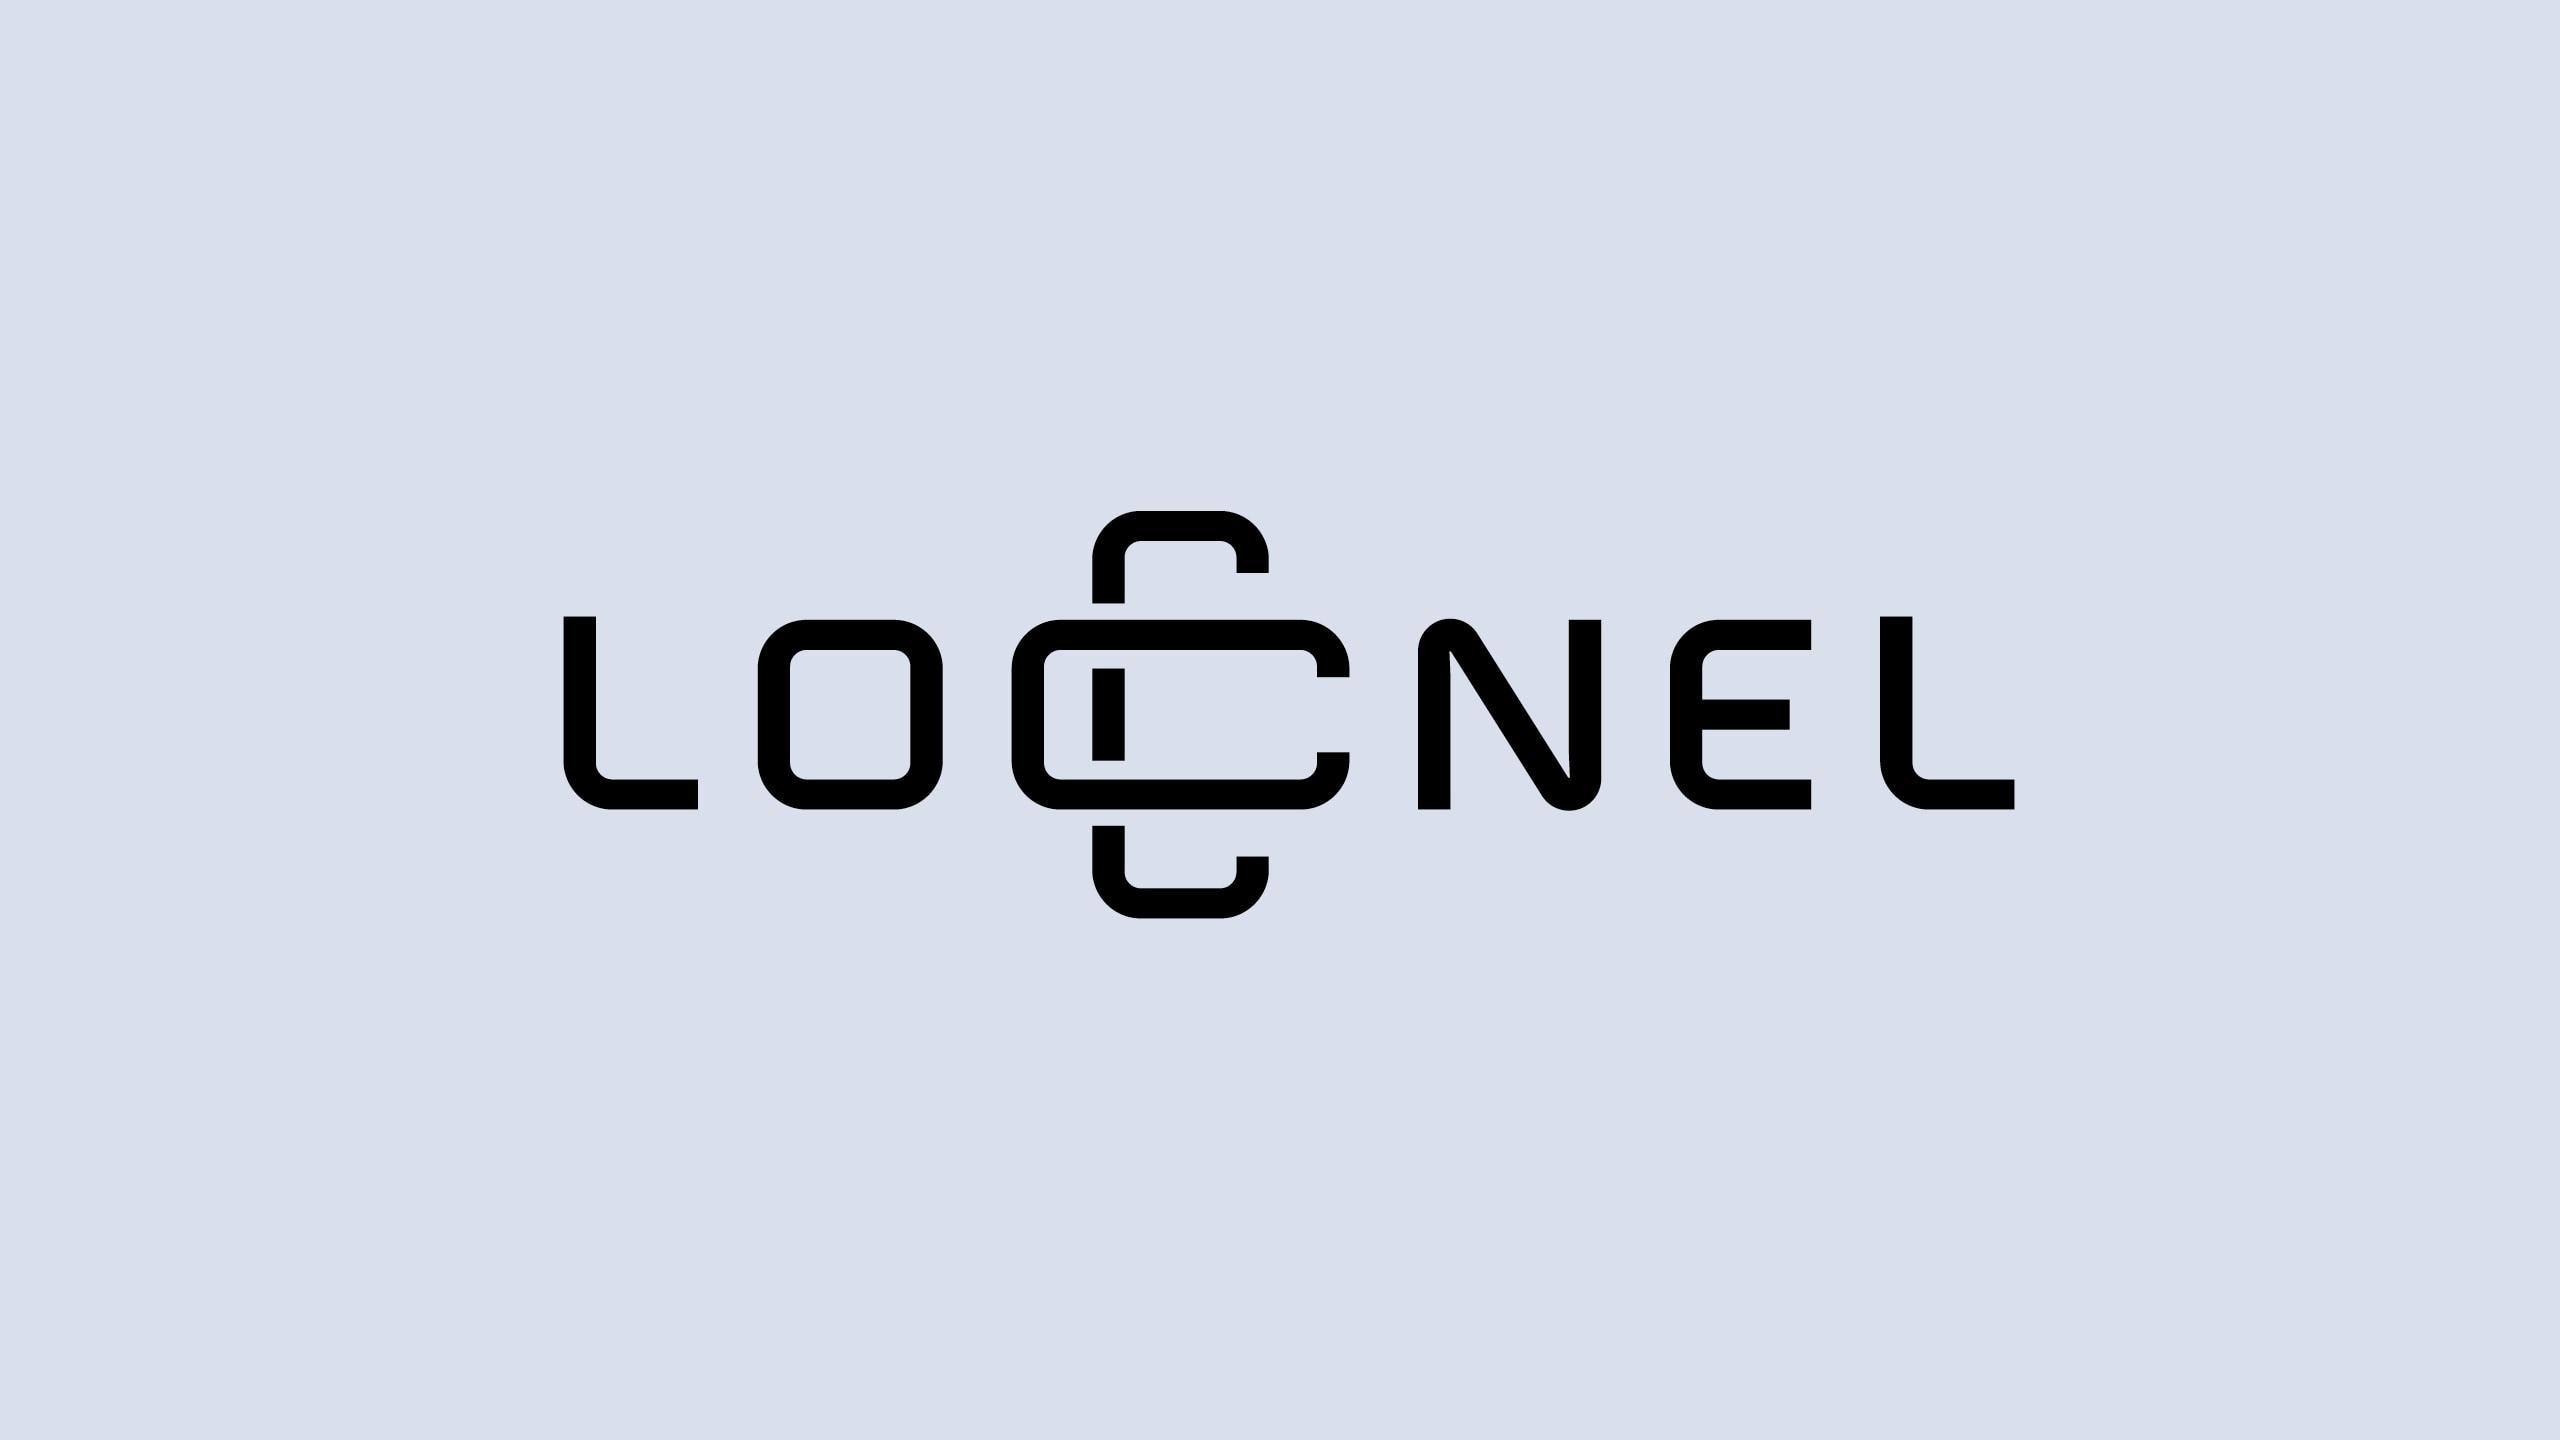 Logos_3_02